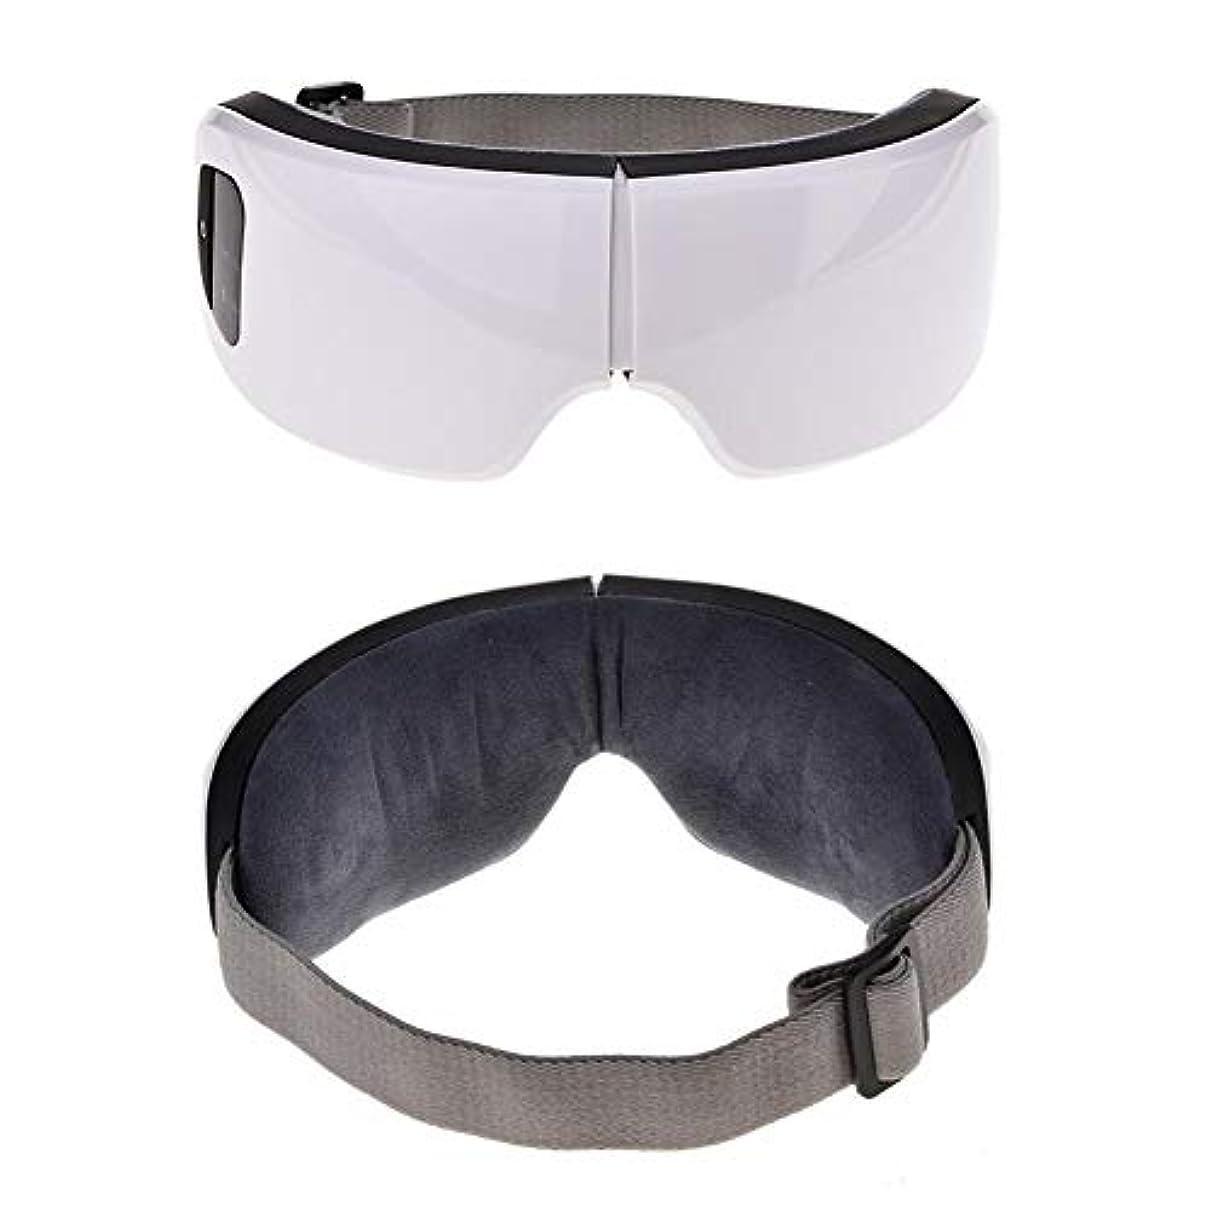 ポーター暫定あいにく目のケアツール6 sワイヤレスUSB充電式Bluetooth折りたたみ式アイマッサージャー調整可能な空気圧アイプロテクターリリーフ睡眠旅行クリスマスギフト